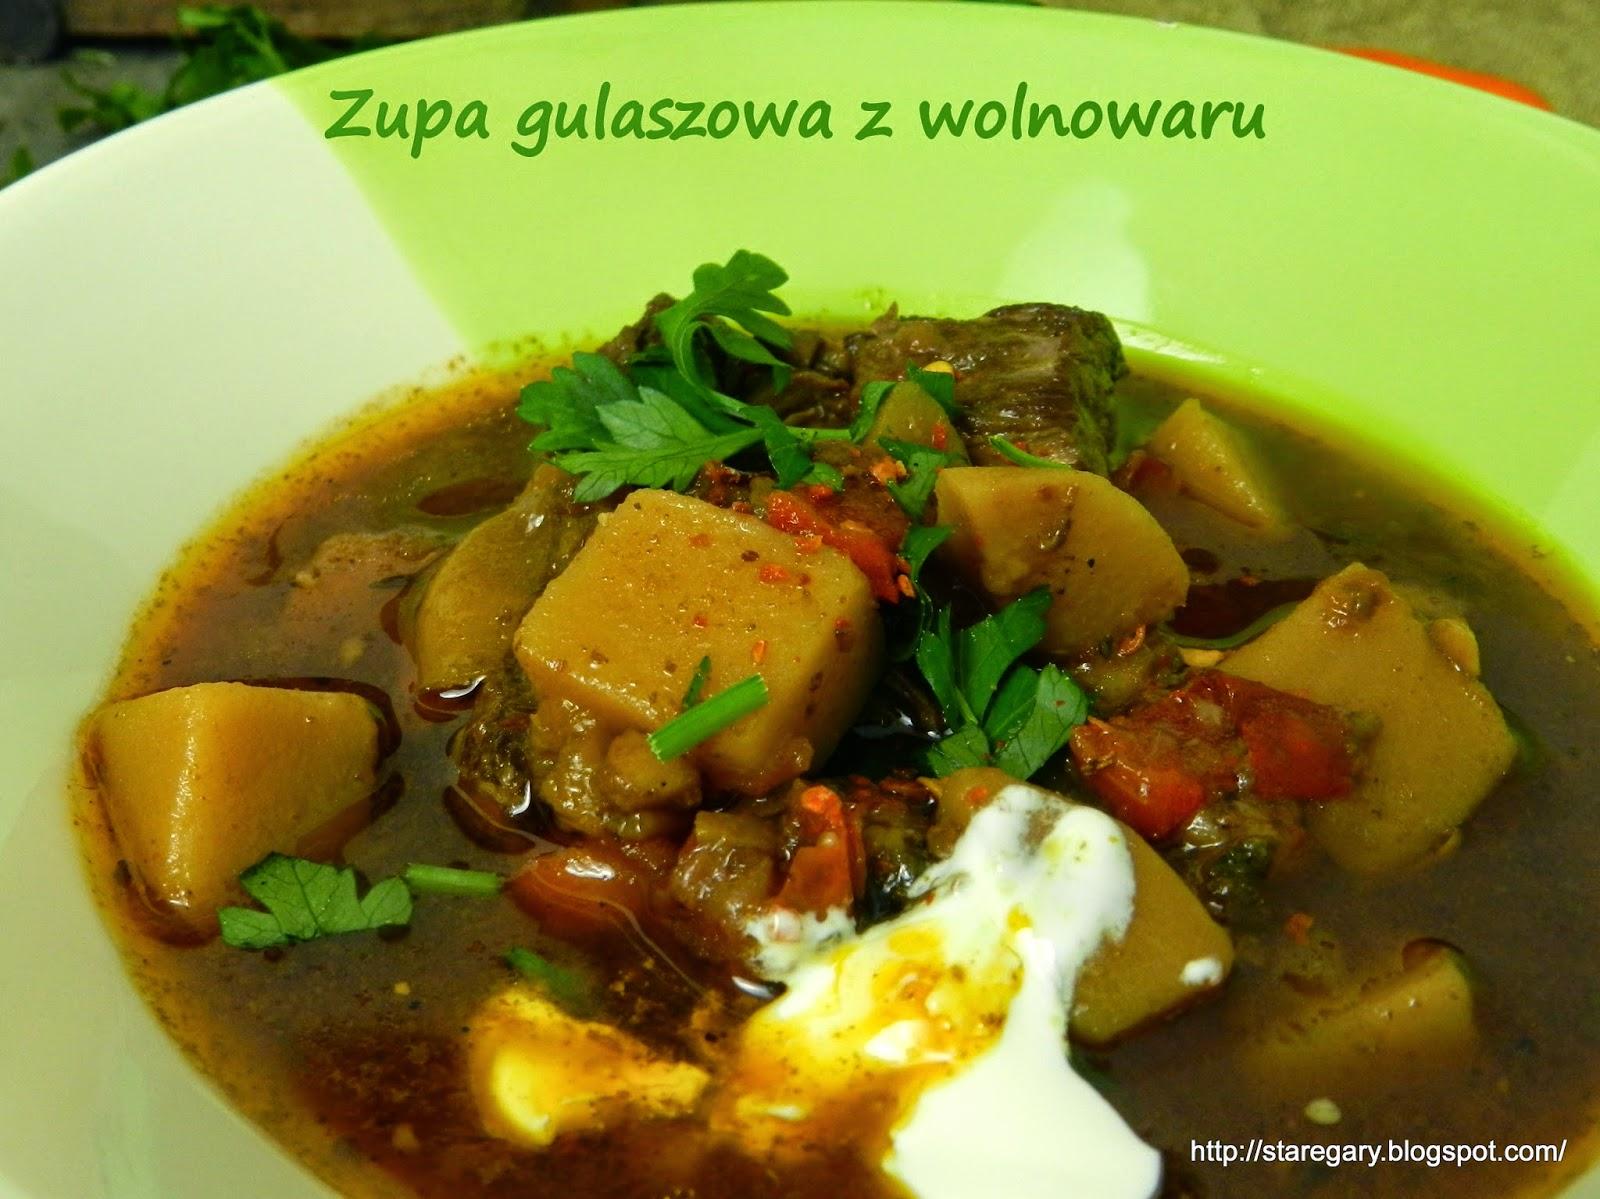 Zupa gulaszowa z wolnowaru